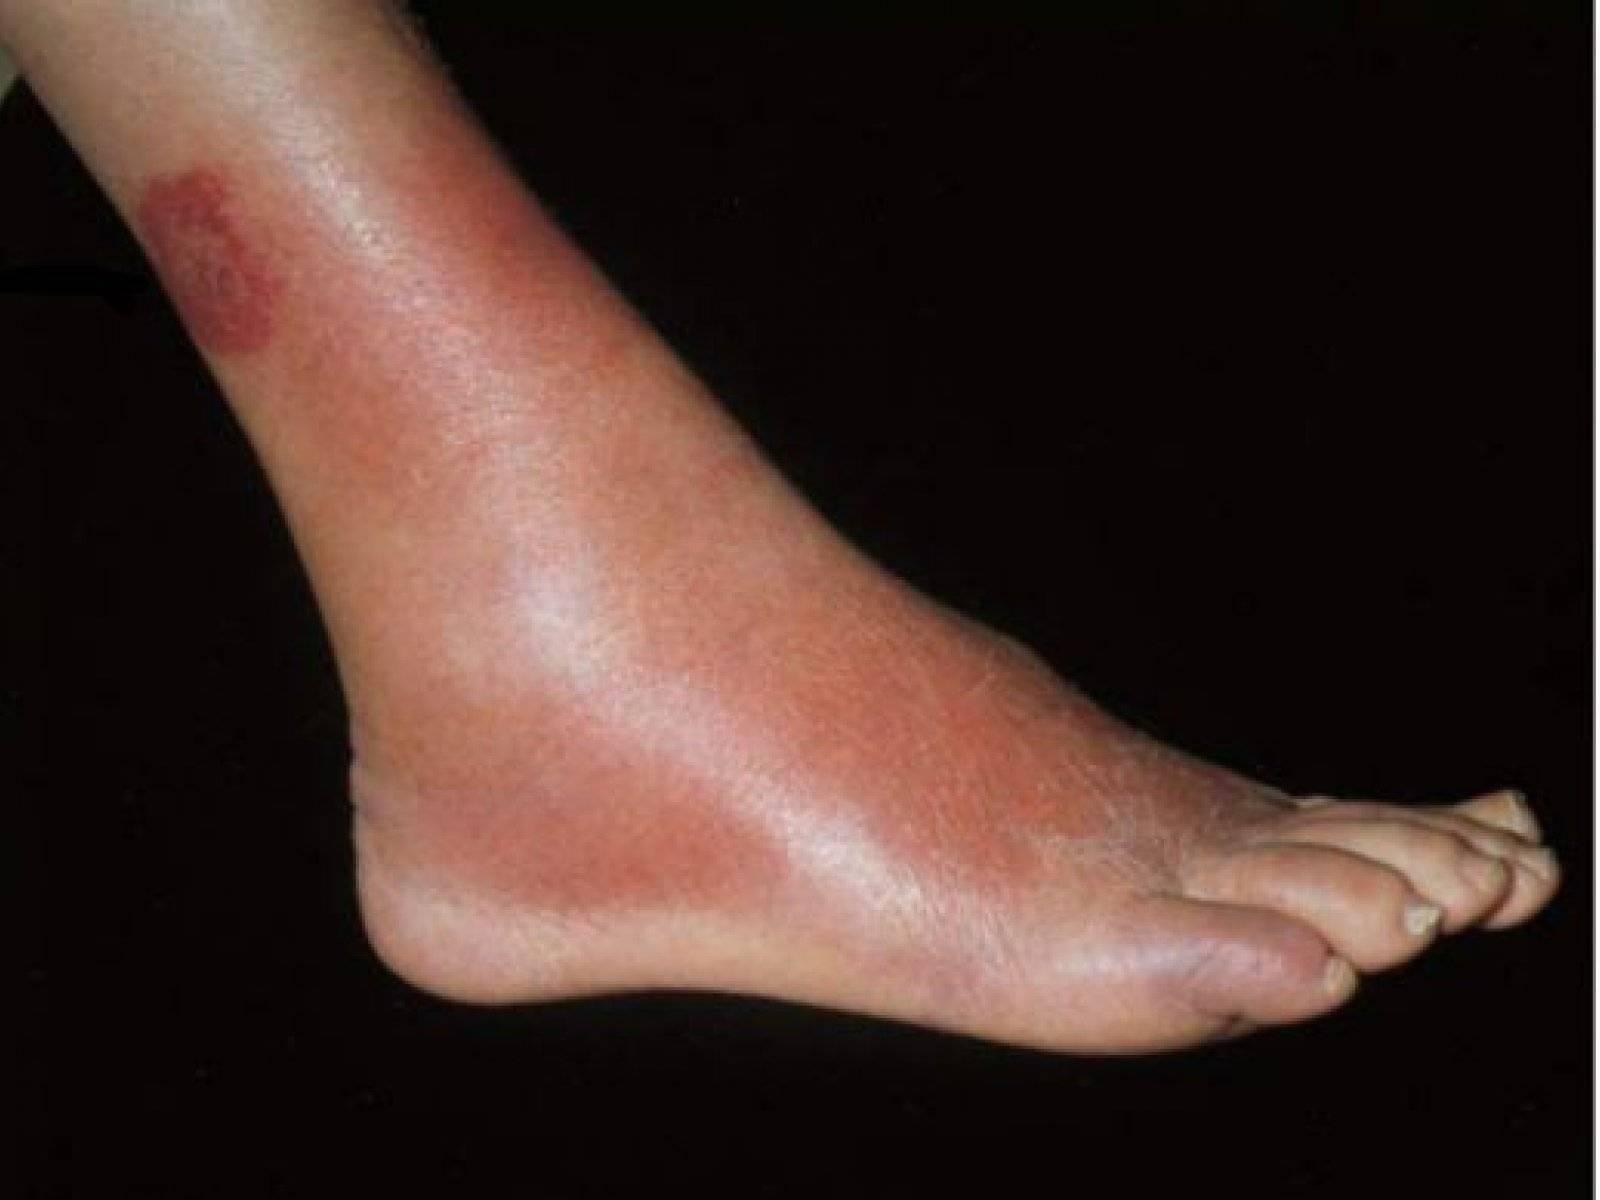 Рожистое воспаление ноги – причины, симптомы и лечение рожи на ноге